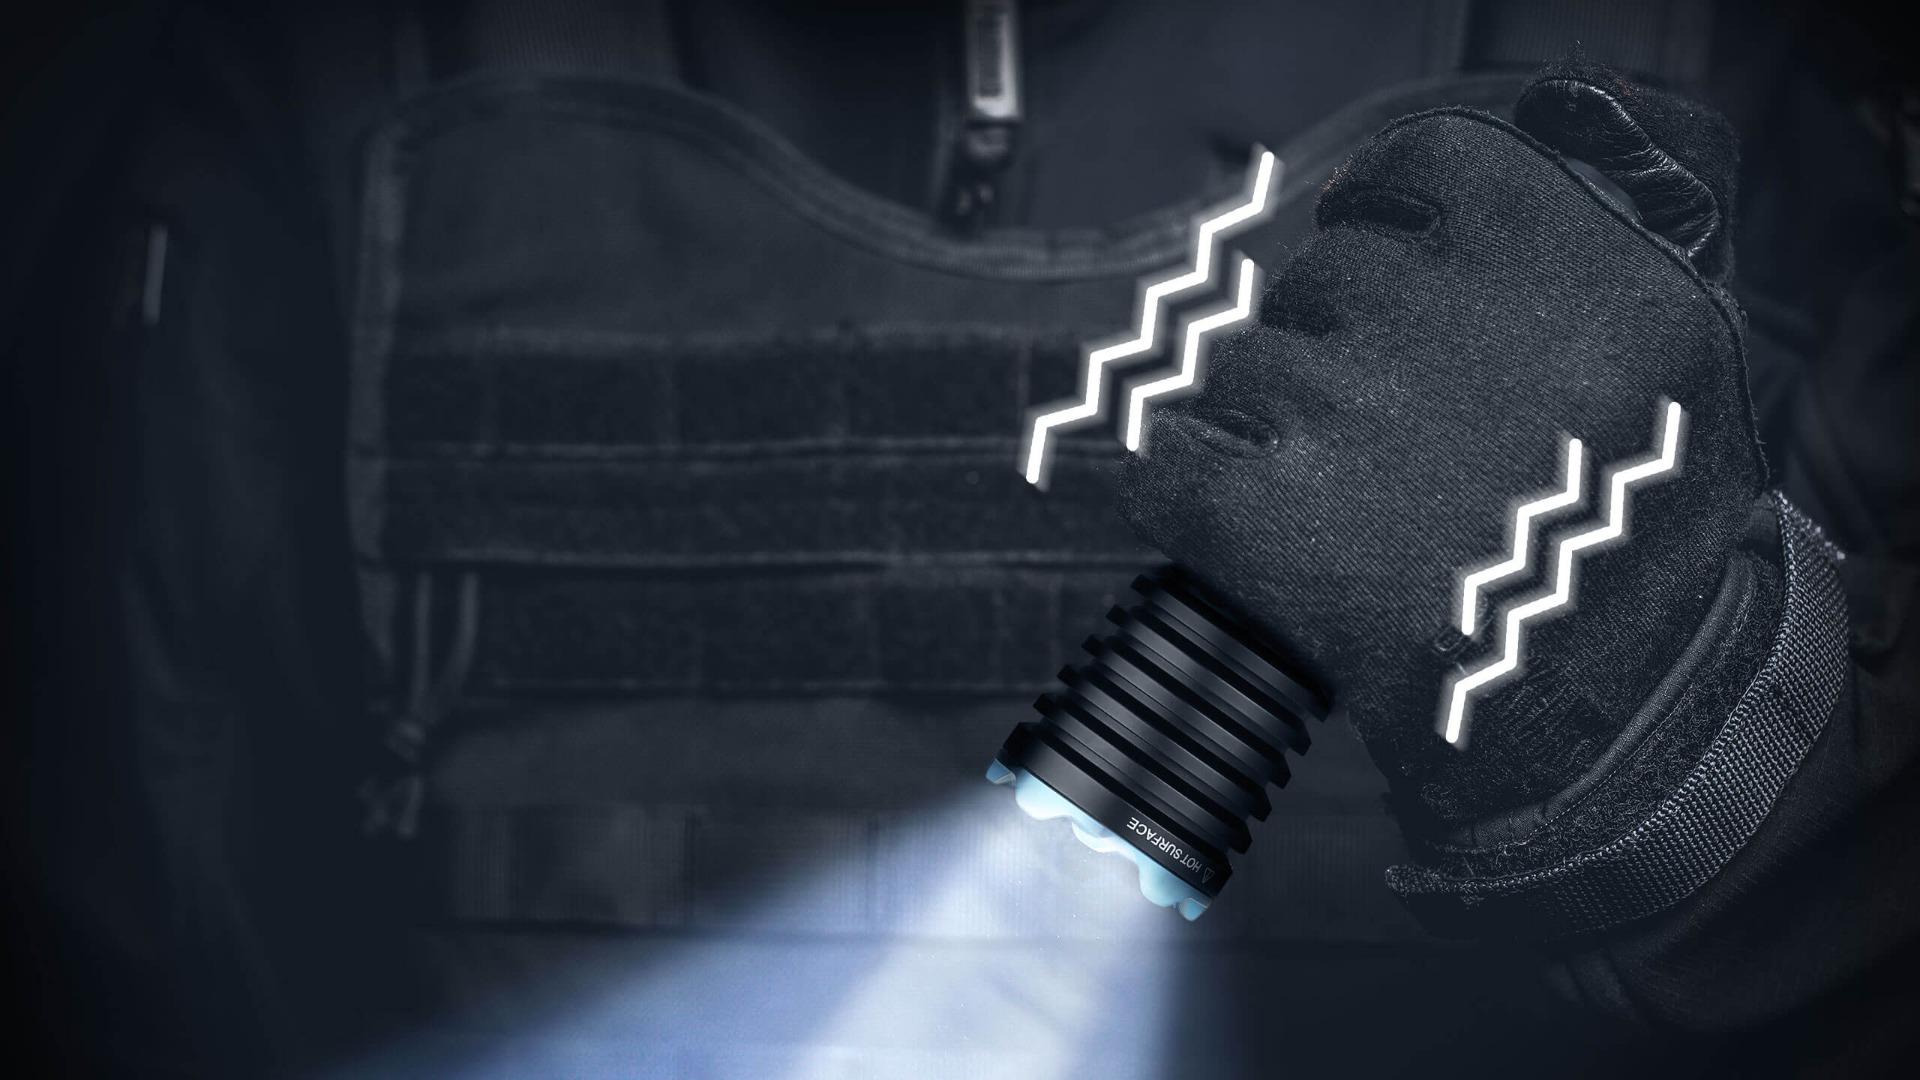 Warrior X Taschenlampe